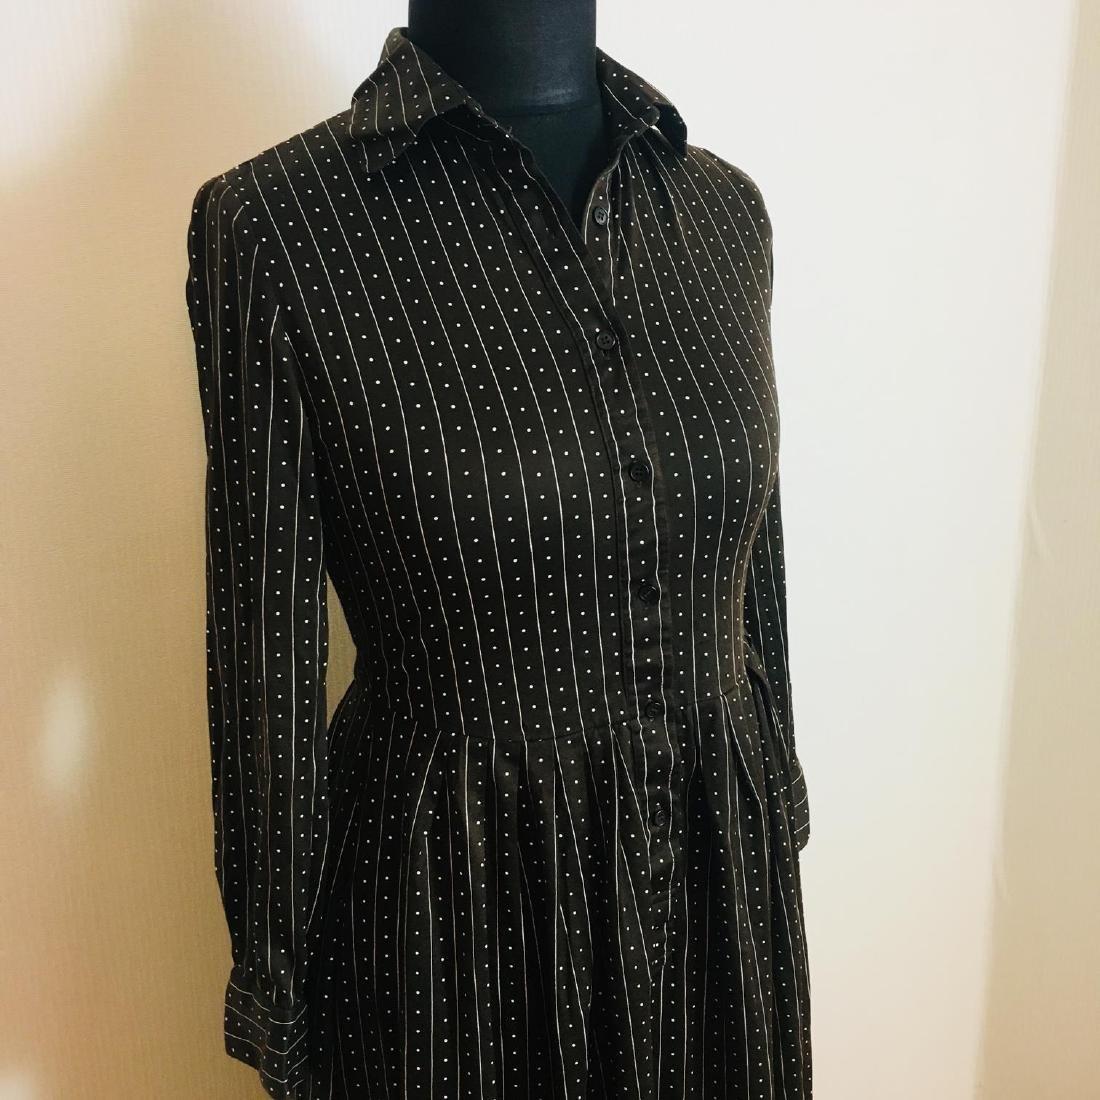 Vintage Women's Cocktail Evening Dress Size EUR 38 US 8 - 4